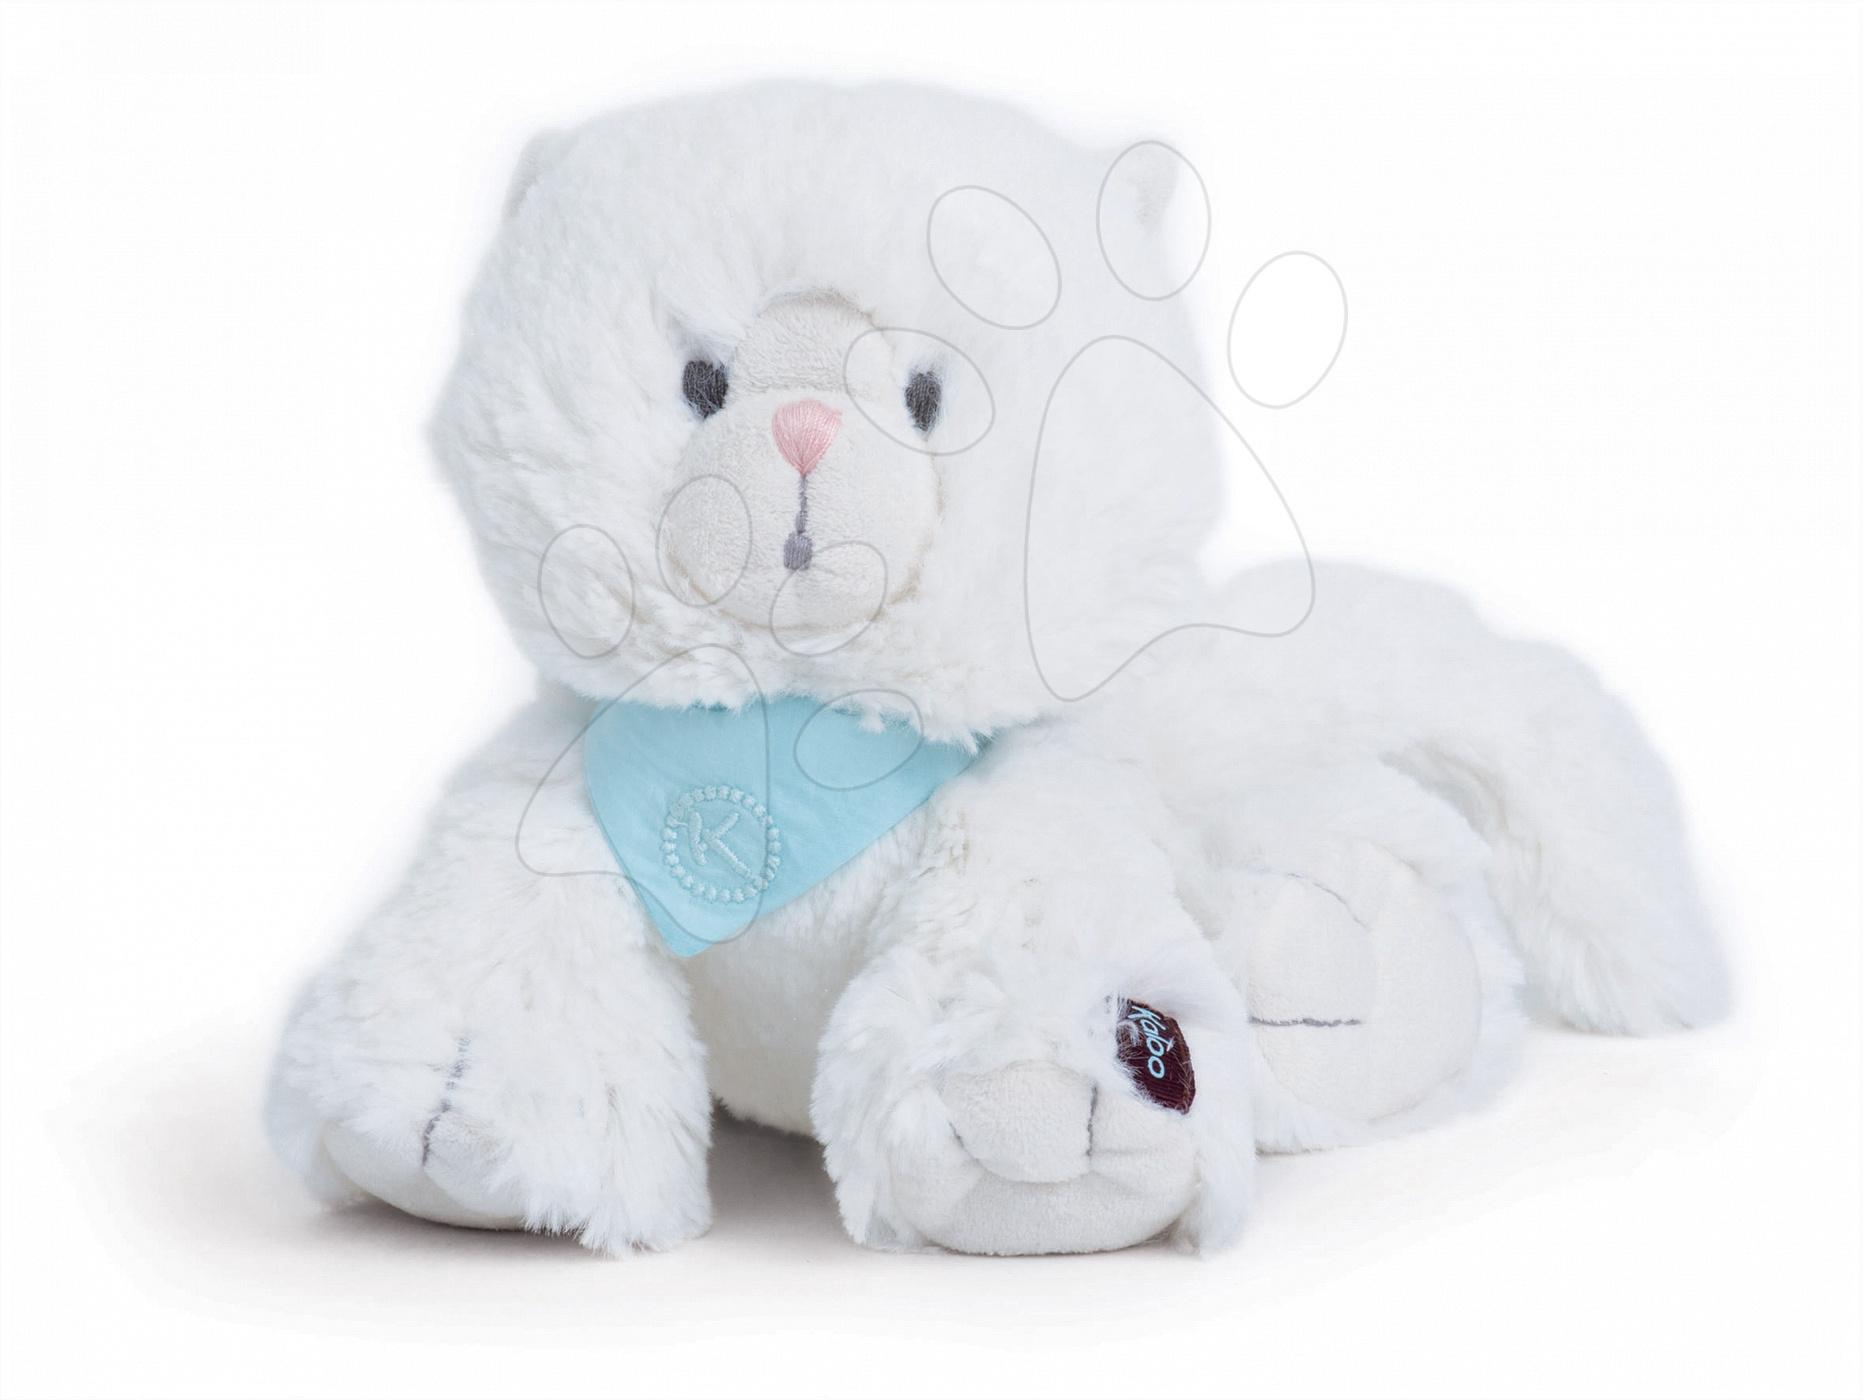 Plyšové zvieratká - Plyšové mačiatko Coco Les Amis-Chaton Kaloo 25 cm v darčekovom balení pre najmenších